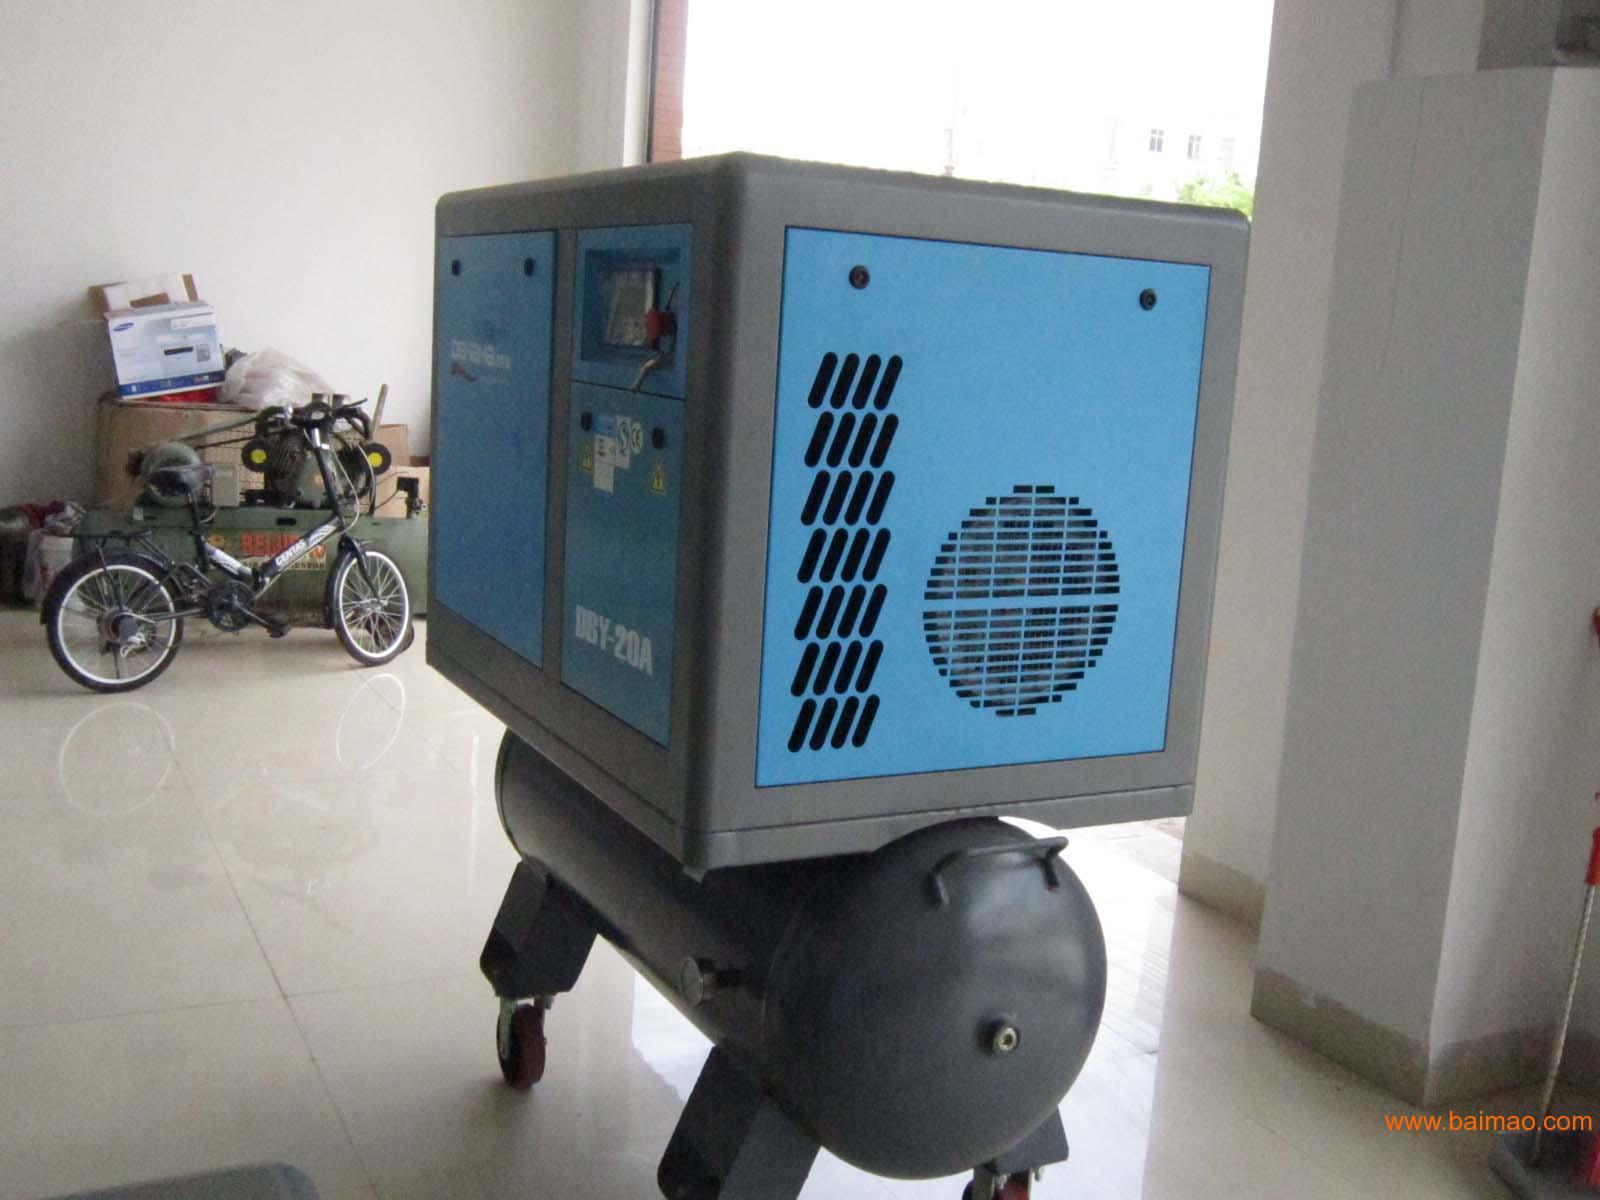 三明空压机 三明空压机厂家直销 批发 ,三明空压机 三明空压机厂家直销 批发 生产厂家,三明空压机 三明空压机厂家直销 批发 价格